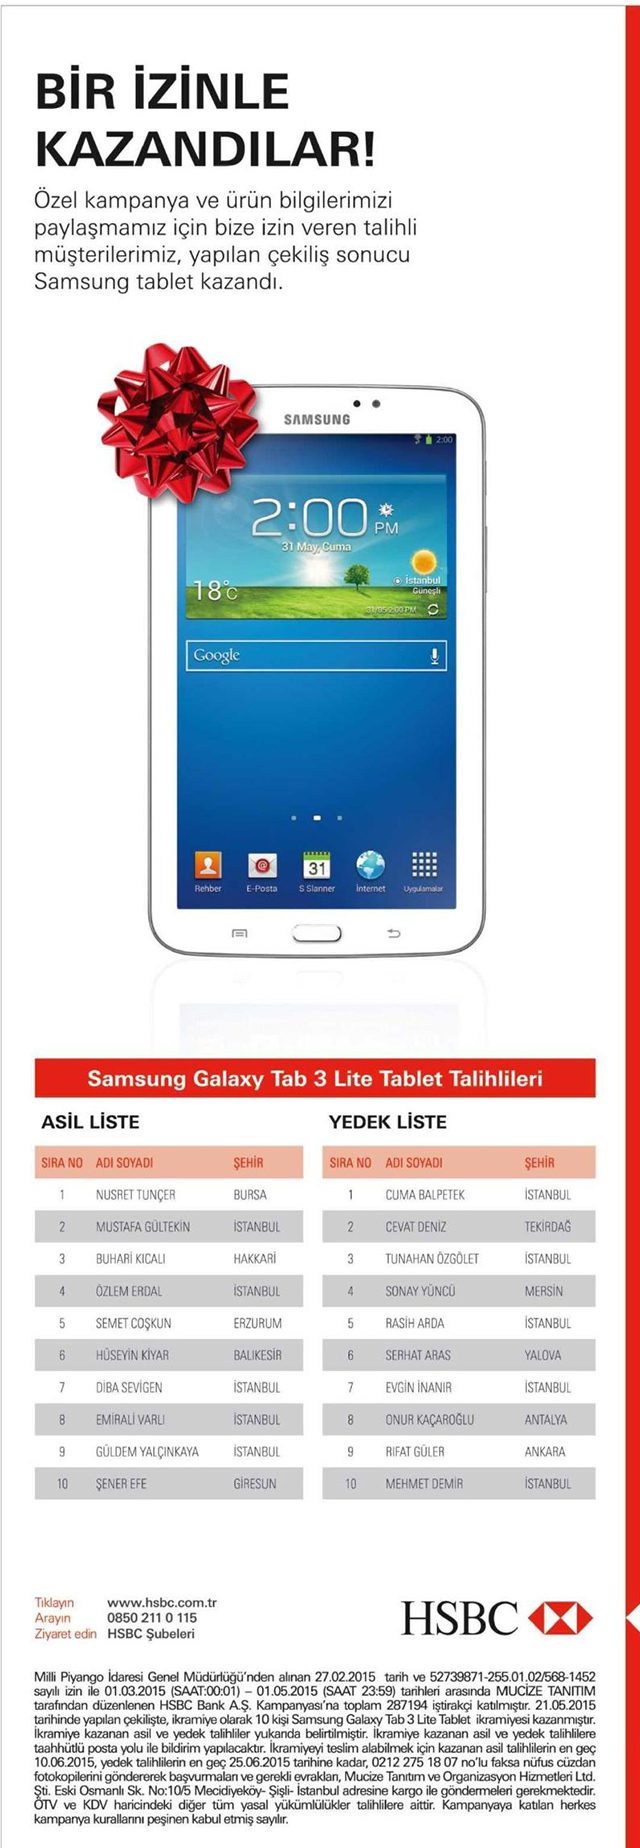 HSBC Iletisim Izni Samsung Galaxy Tab 3 Cekilisinin Sonuclari